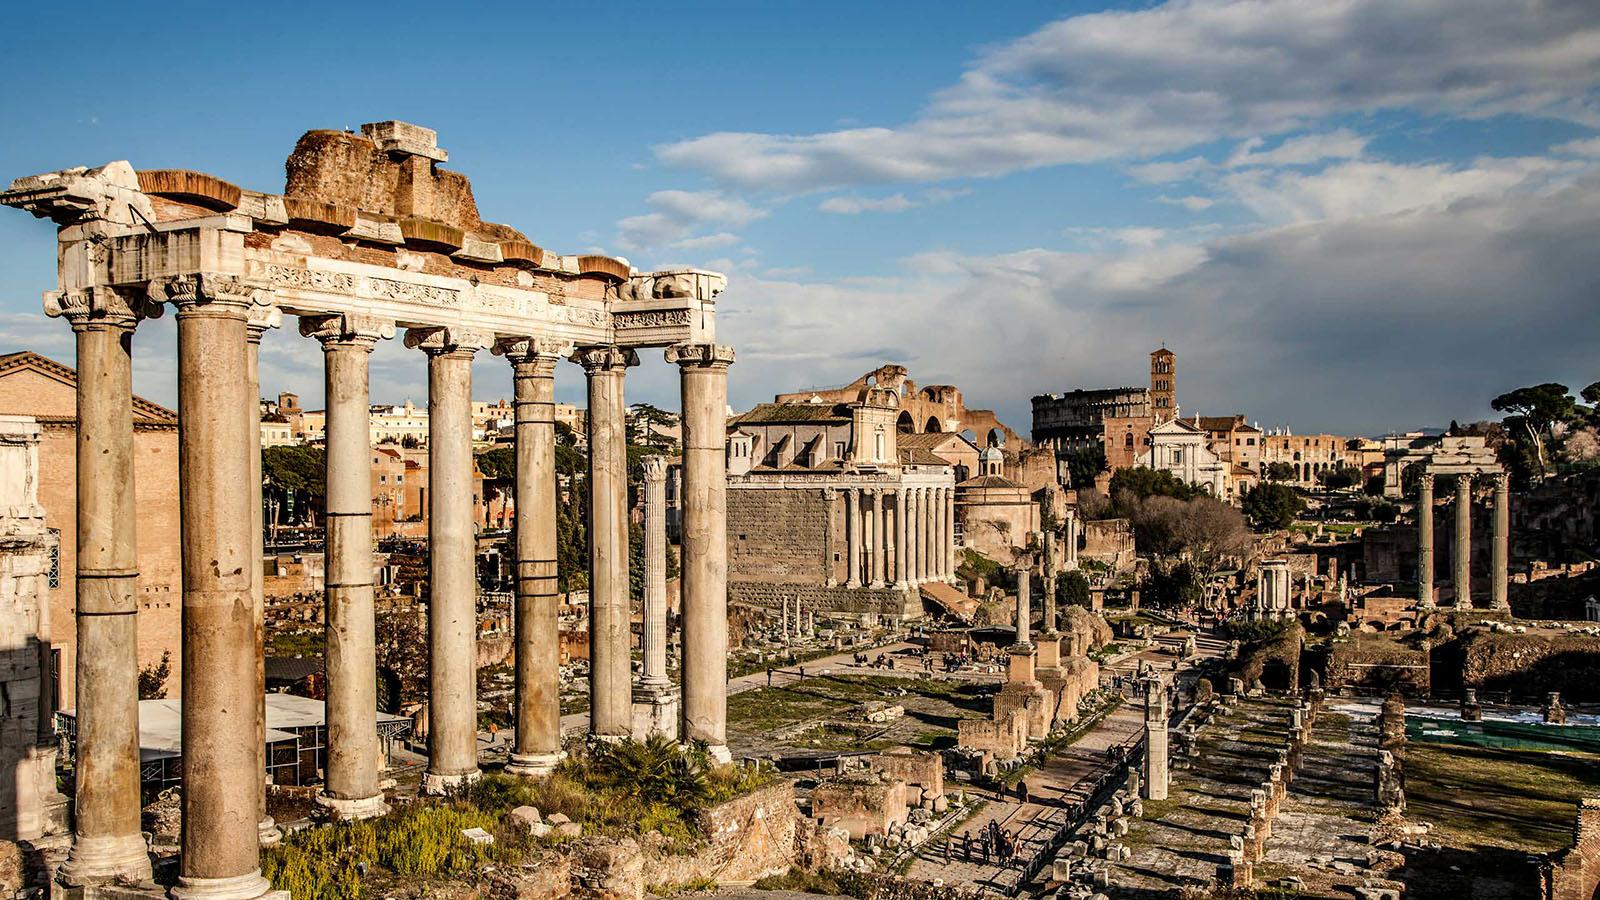 12. Caída de Roma